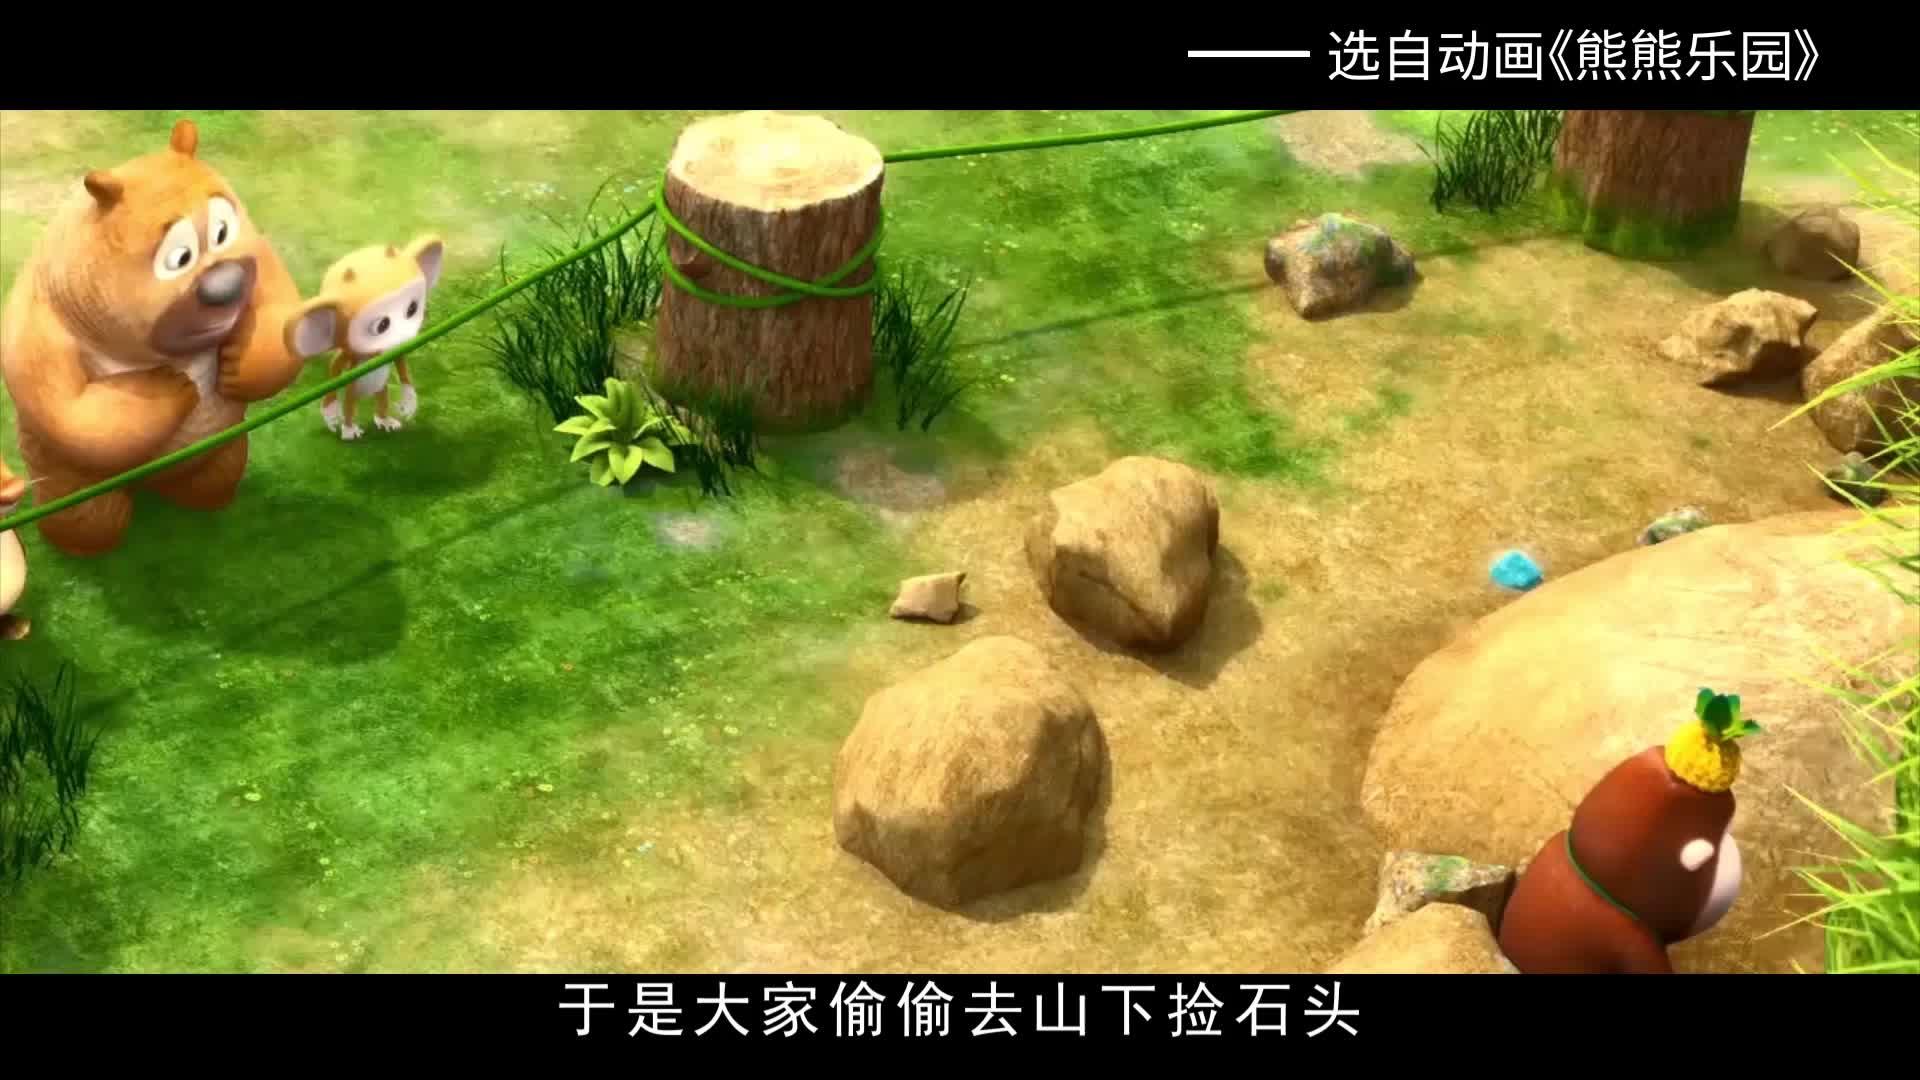 《科学嘻游记》 第2集 什么是岩石